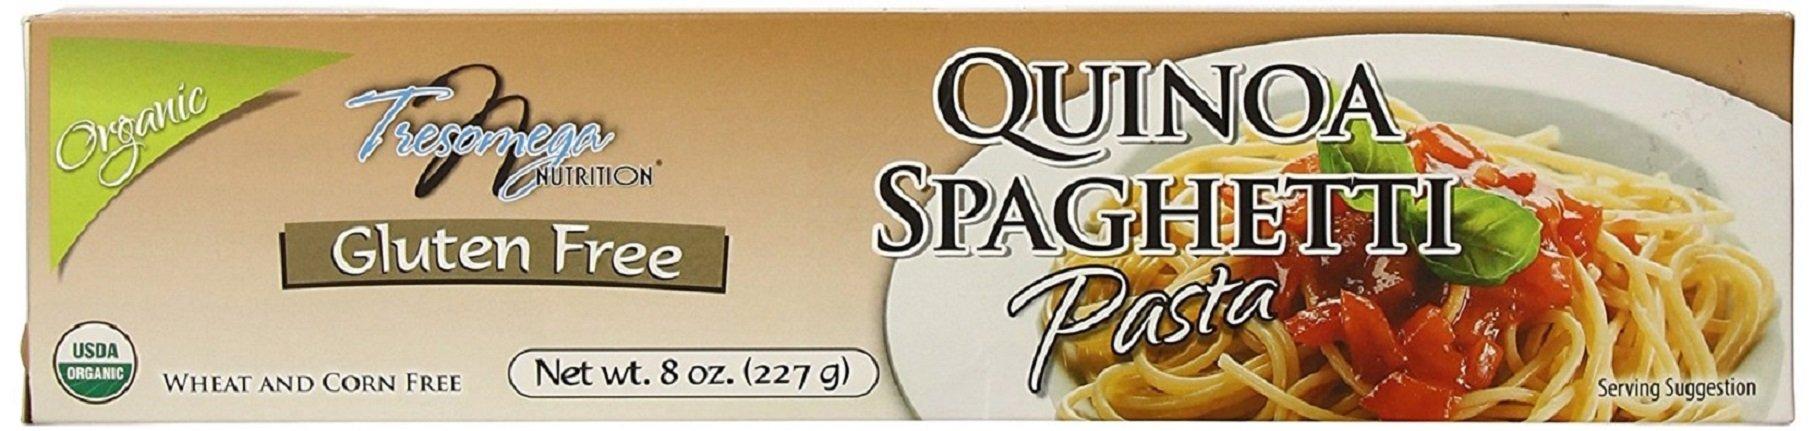 Tresomega Organic Gluten Free Quinoa Spaghetti Pasta, 8 Ounce